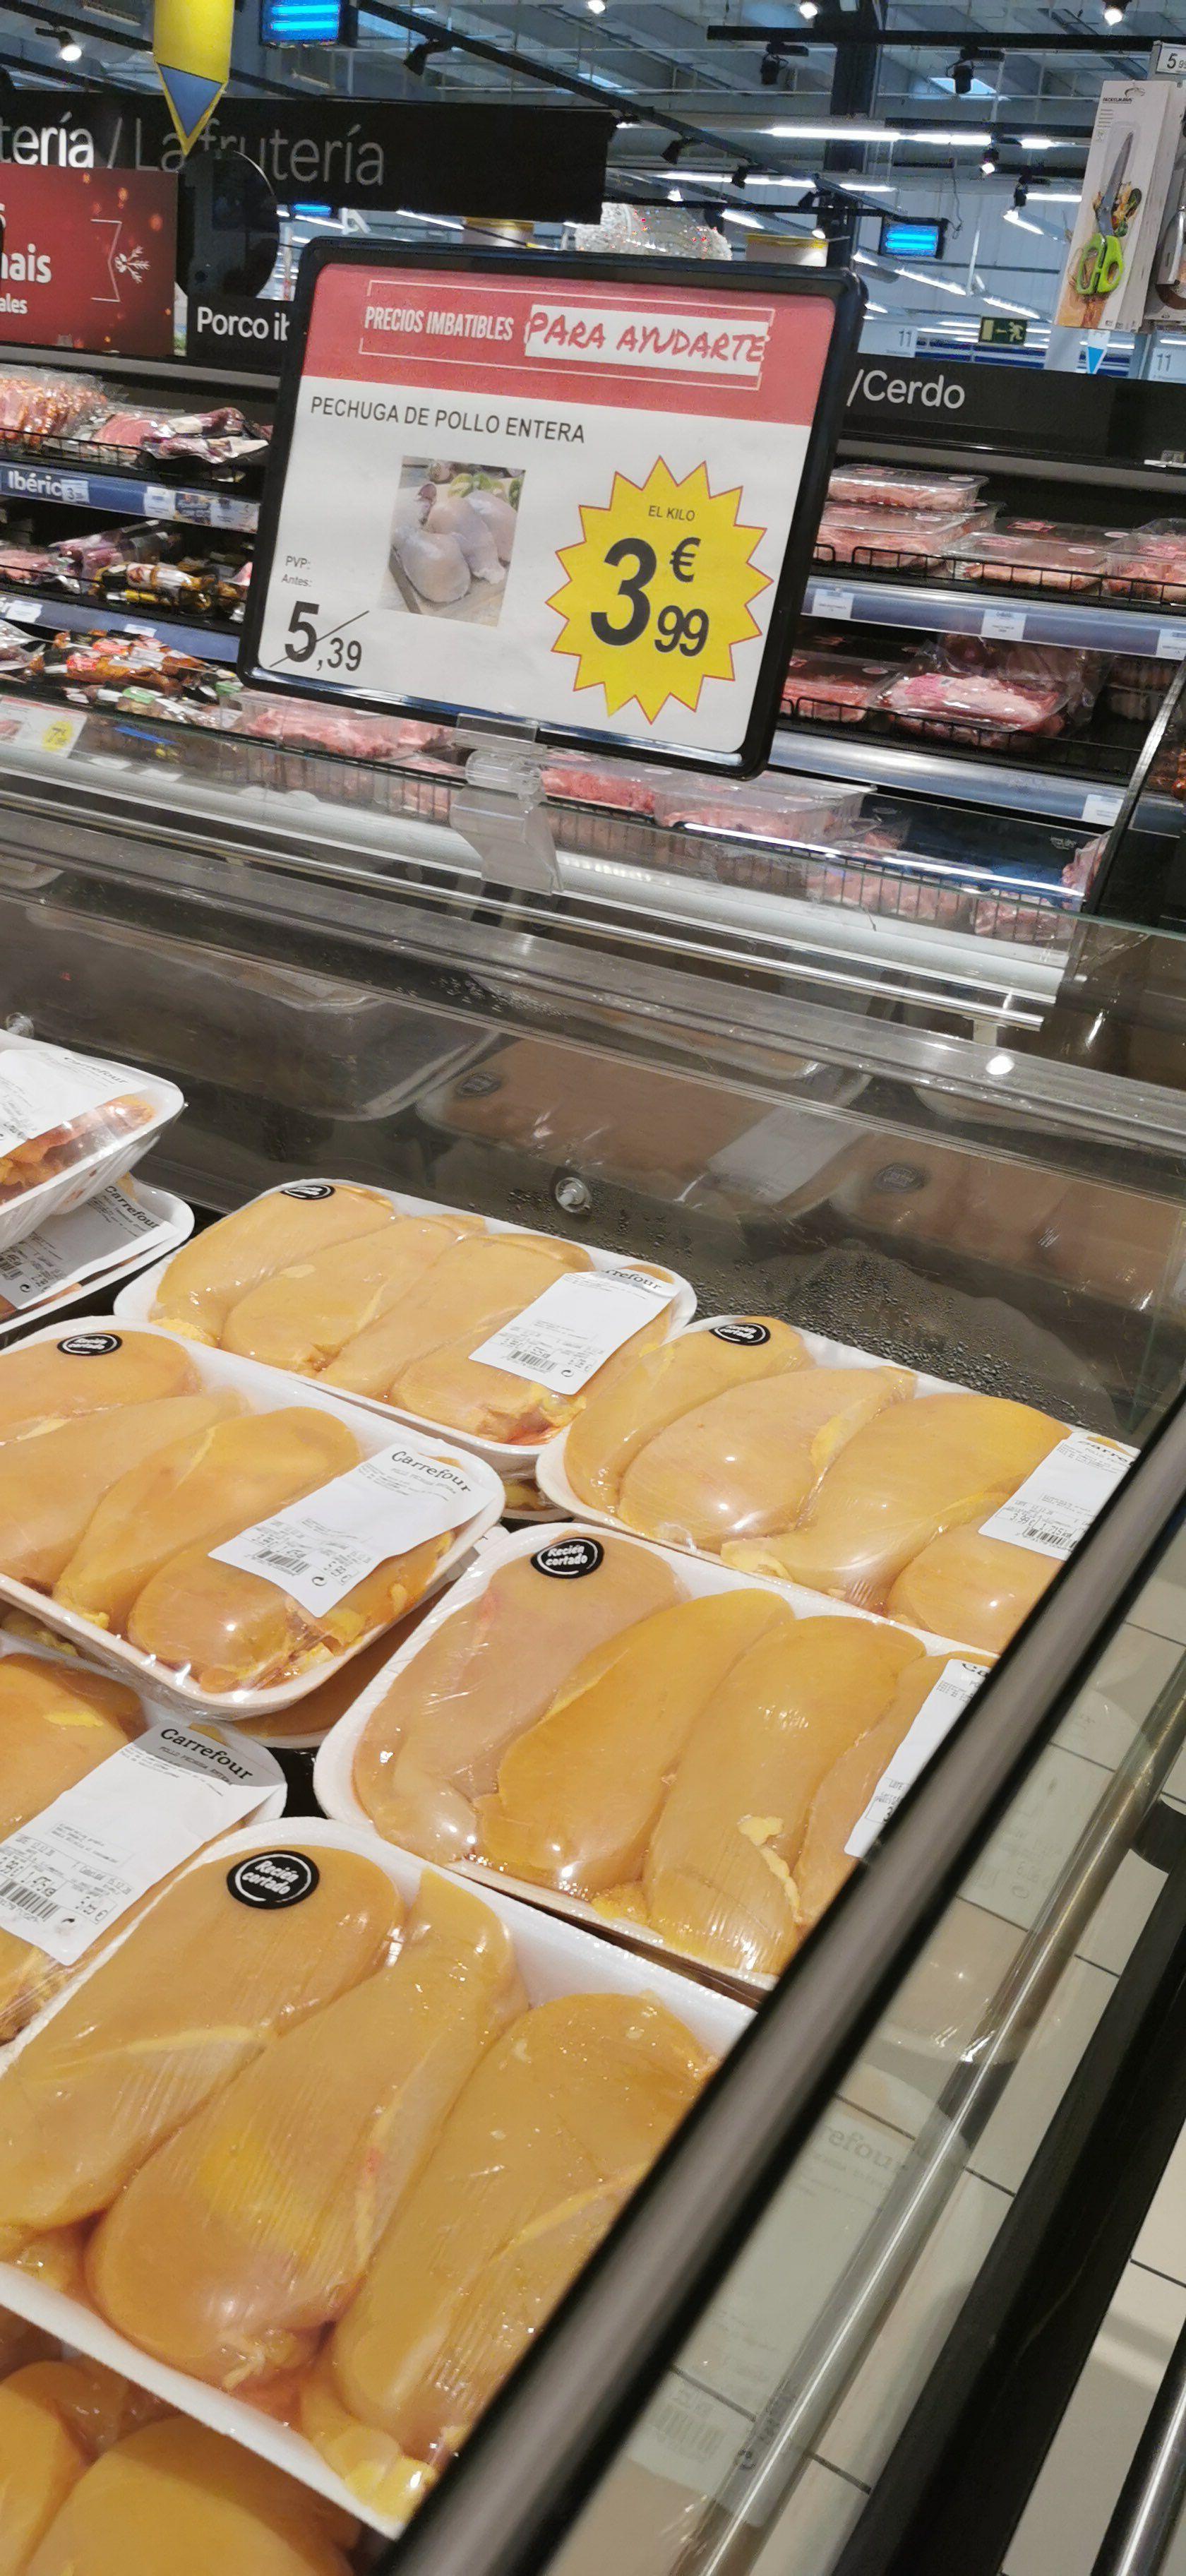 Kilo de Pollo a 3.99€